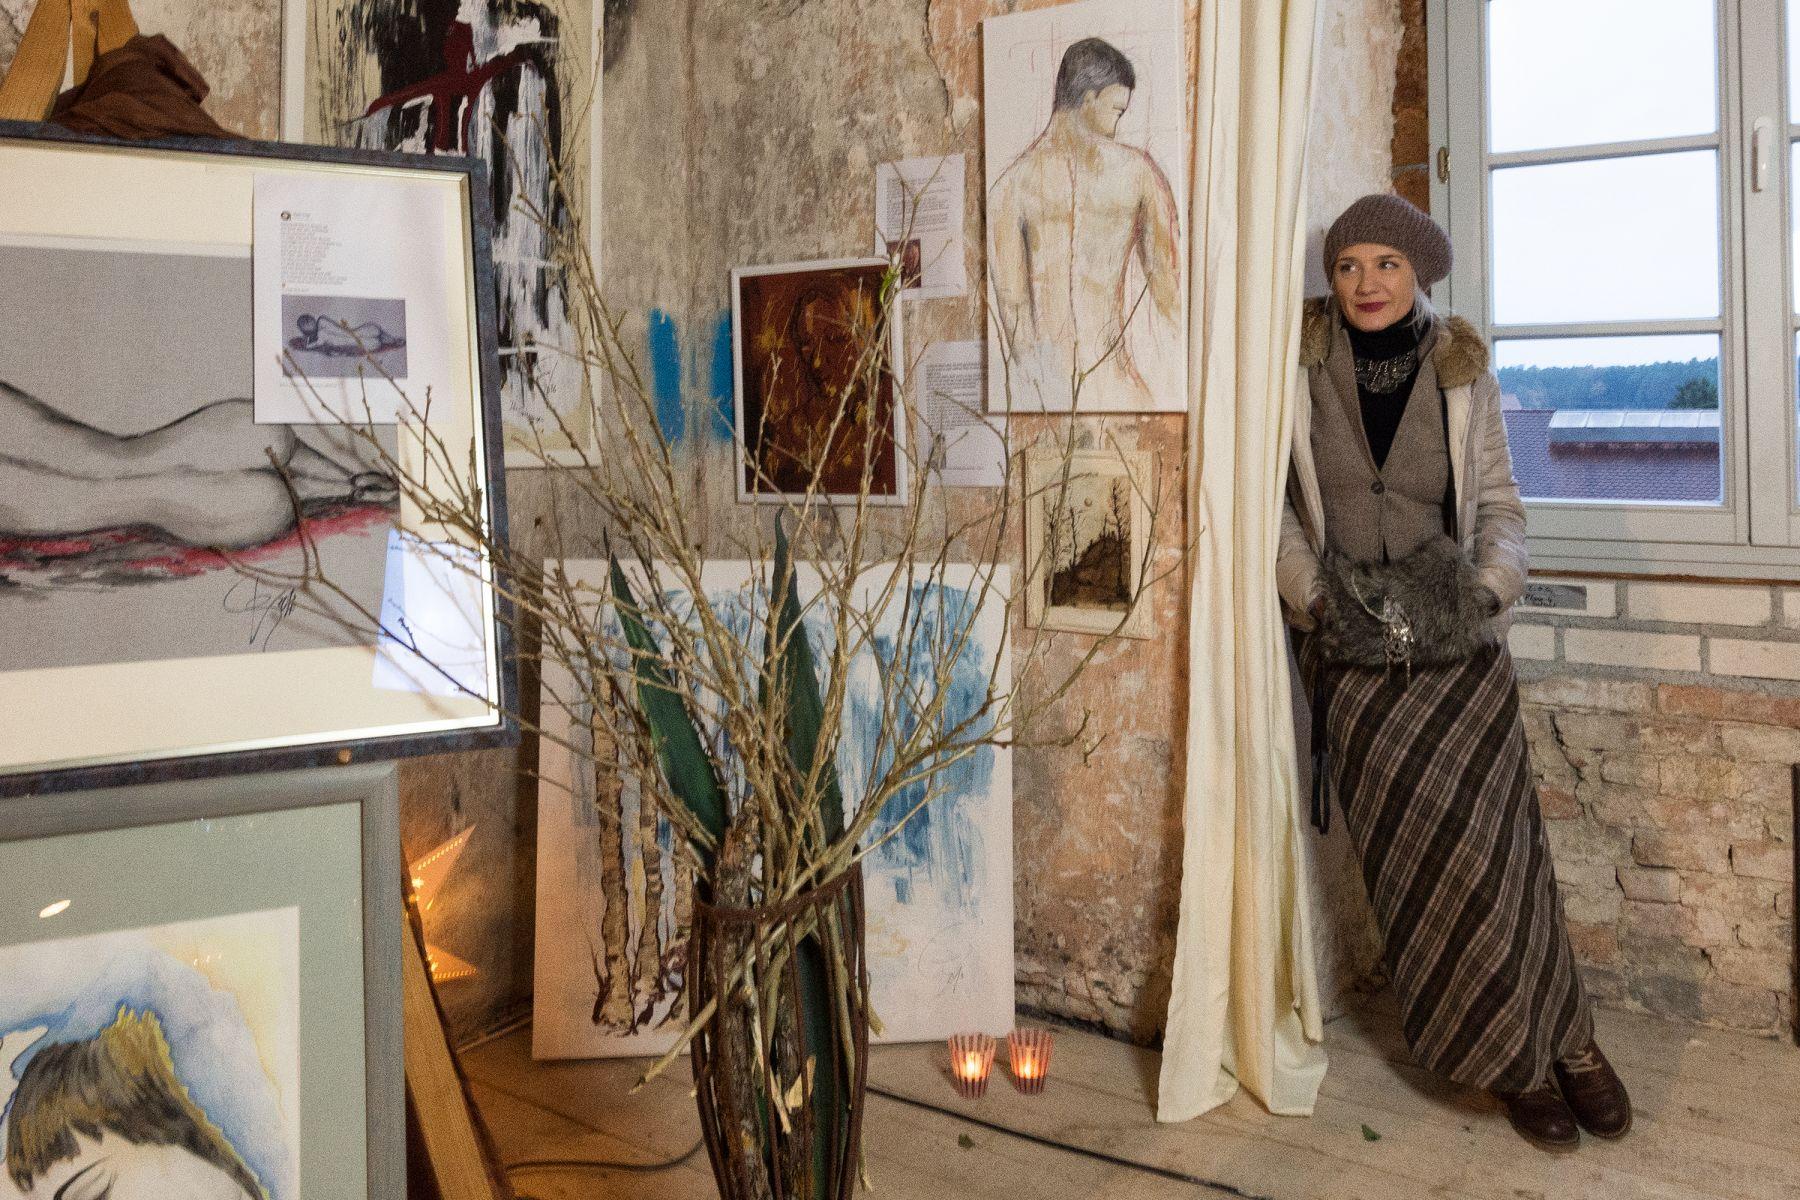 Martini-Ausstellung 2017 im Schloss Pirkensee | Gabi Vogl Telefon: 0151 27603184